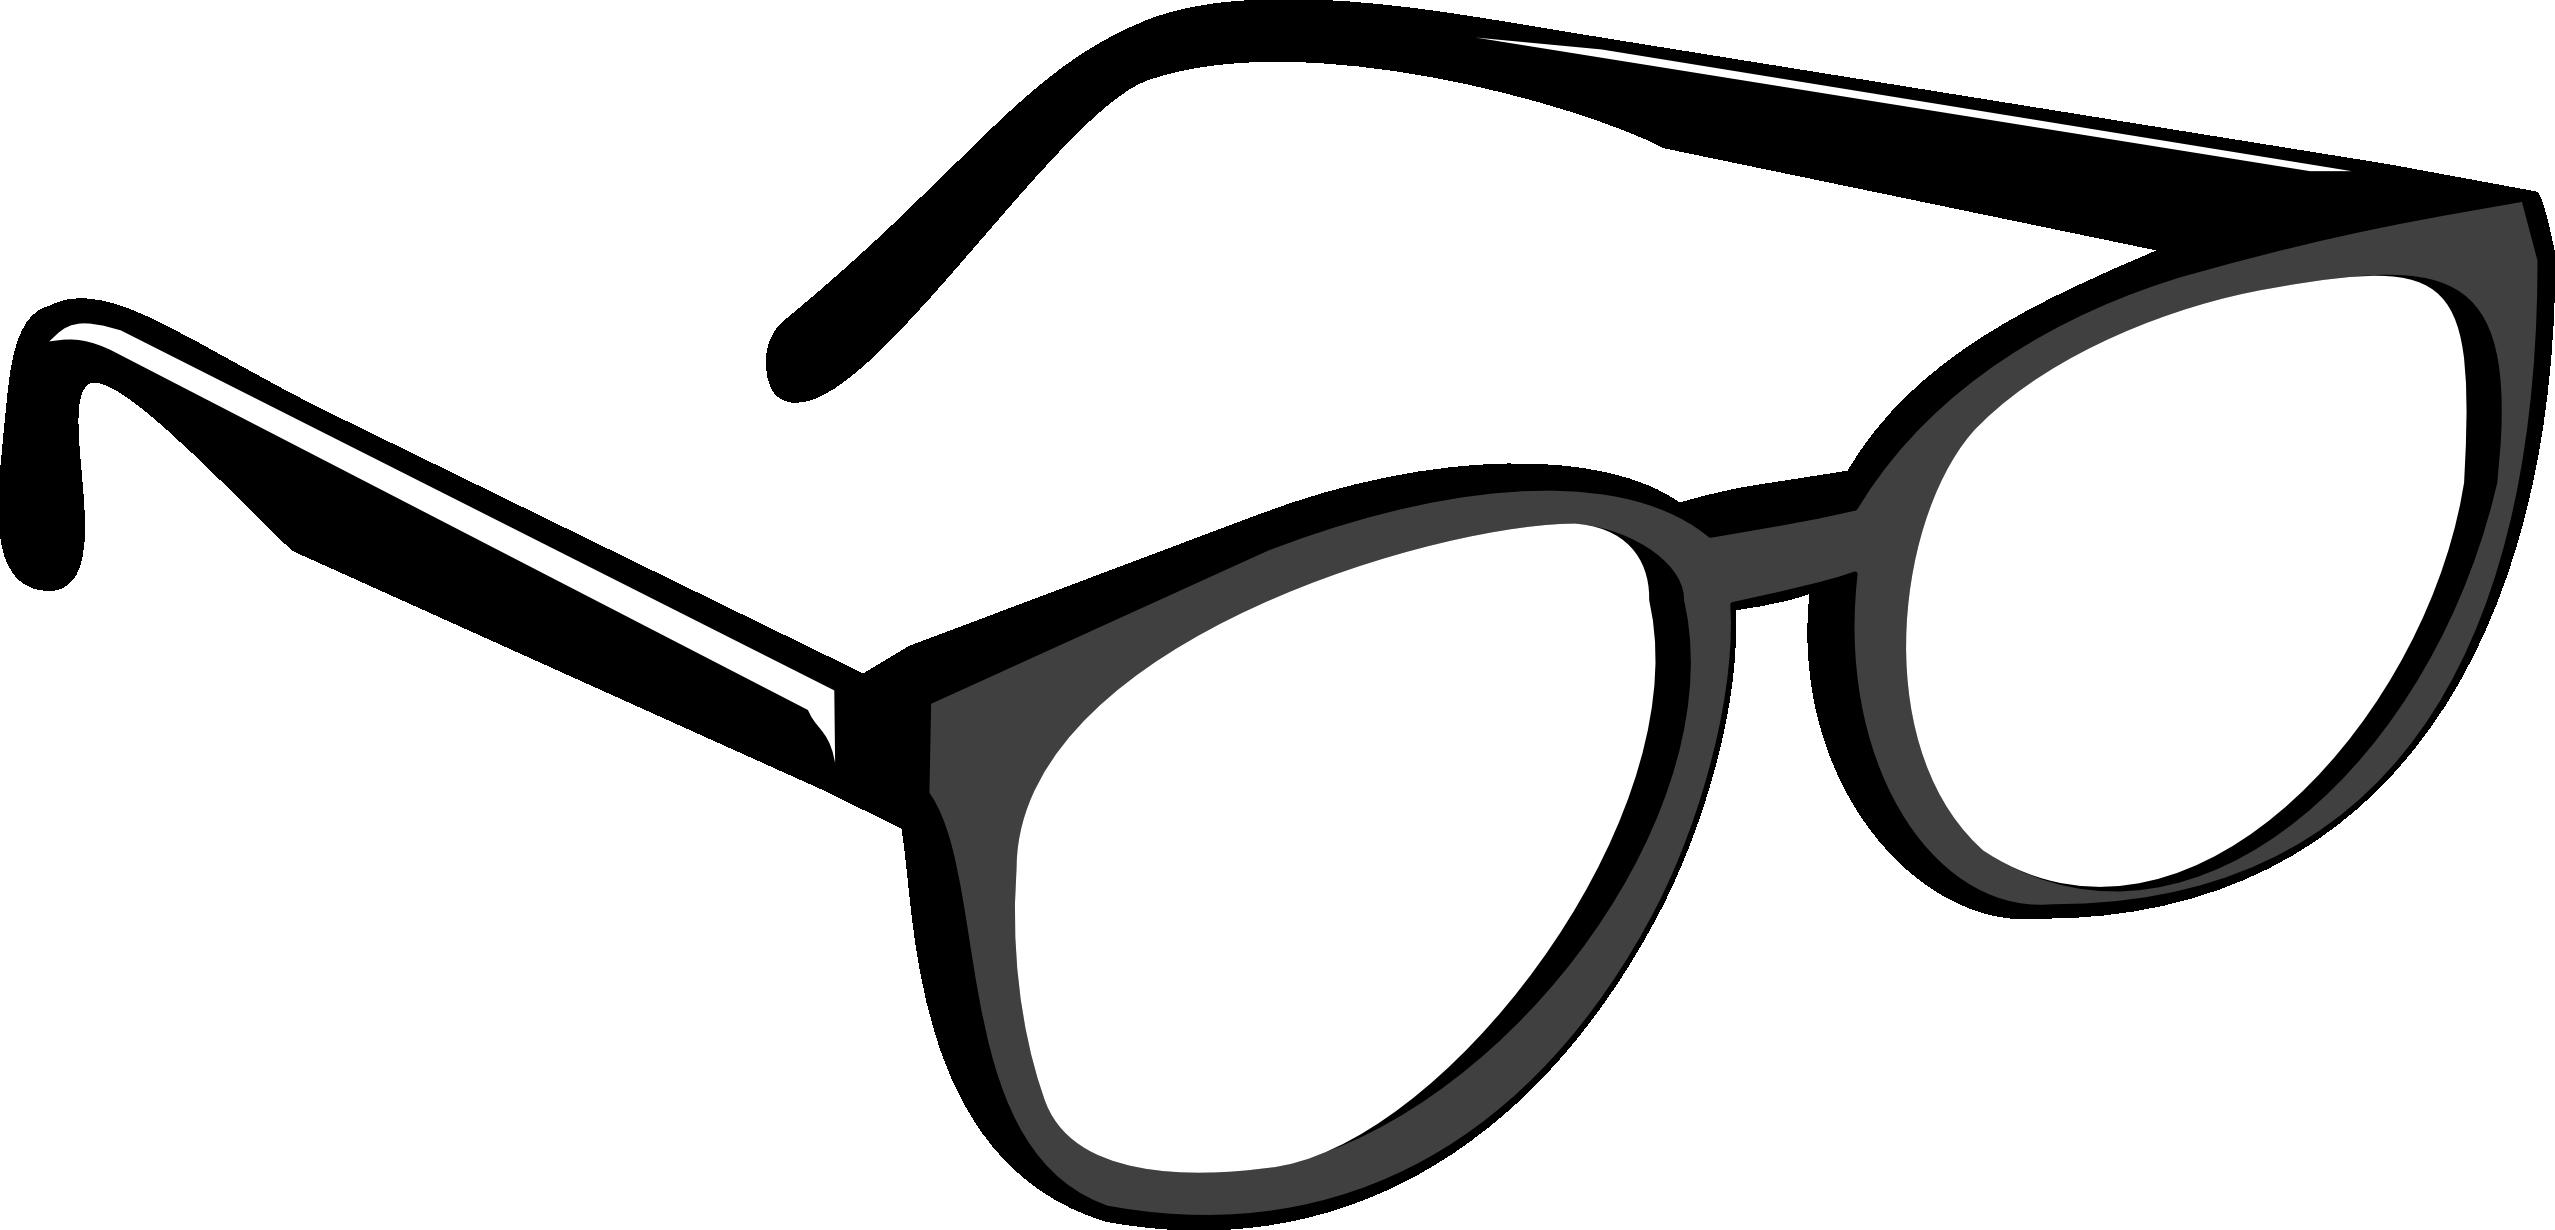 Cartoon Sunglasses Clip Art - ClipArt Best